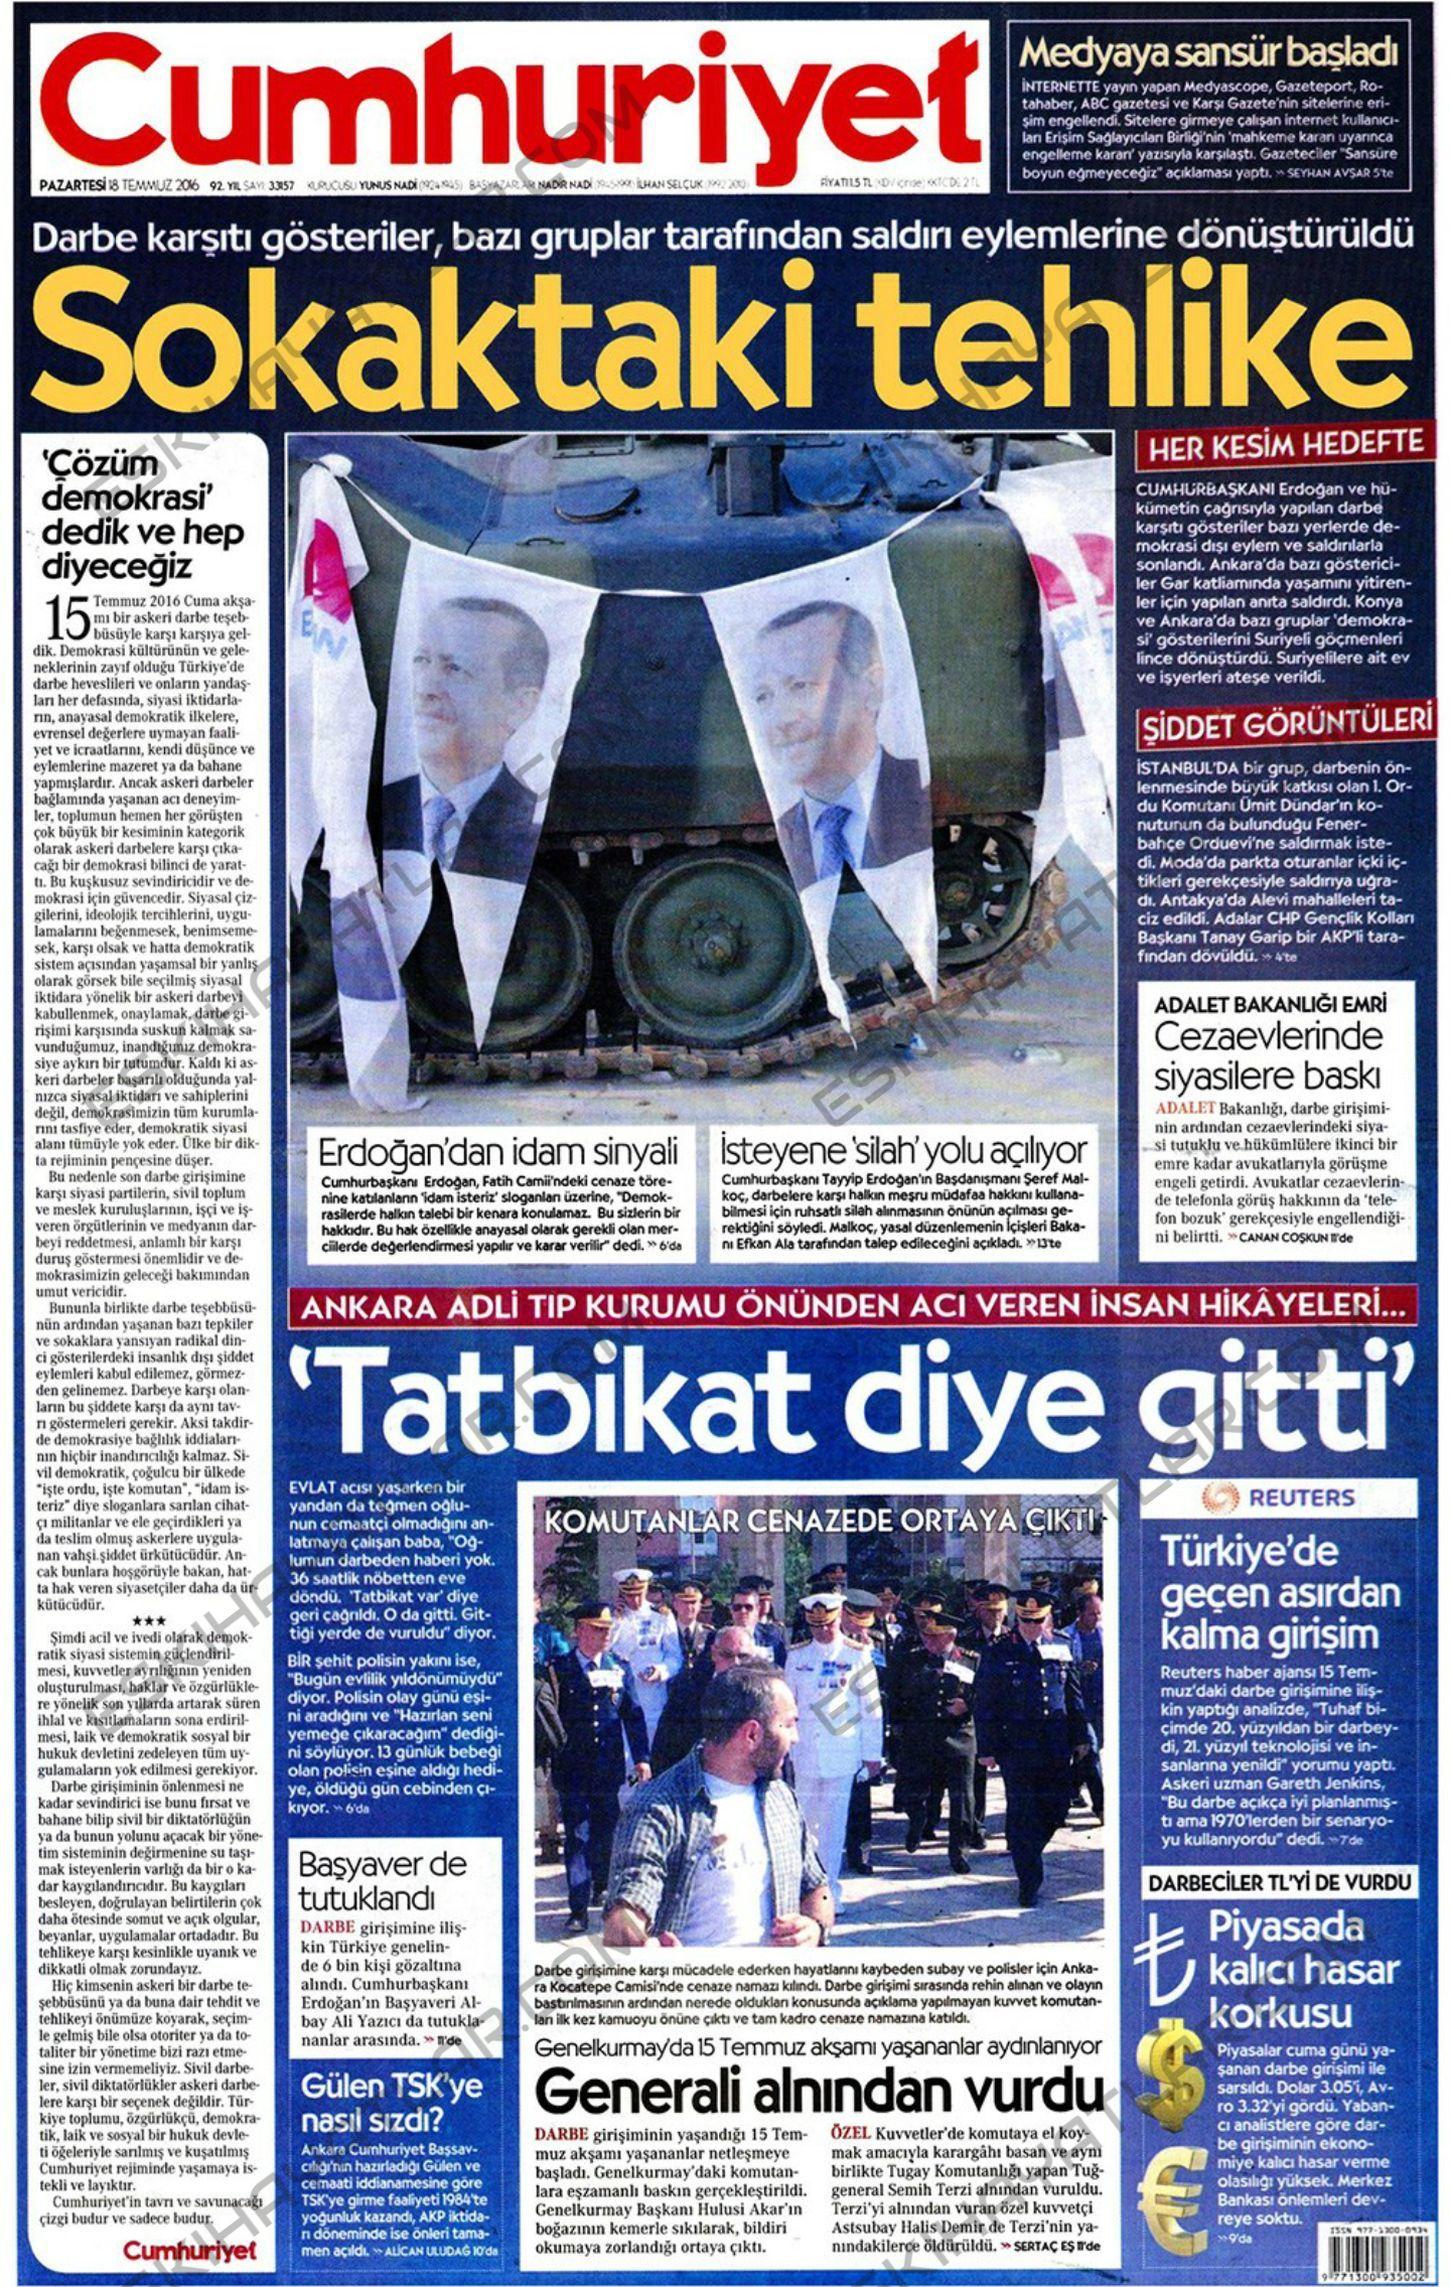 15-temmuz-2016-darbe-tesebbusu-gazete-arsivleri (cumhuriyet)